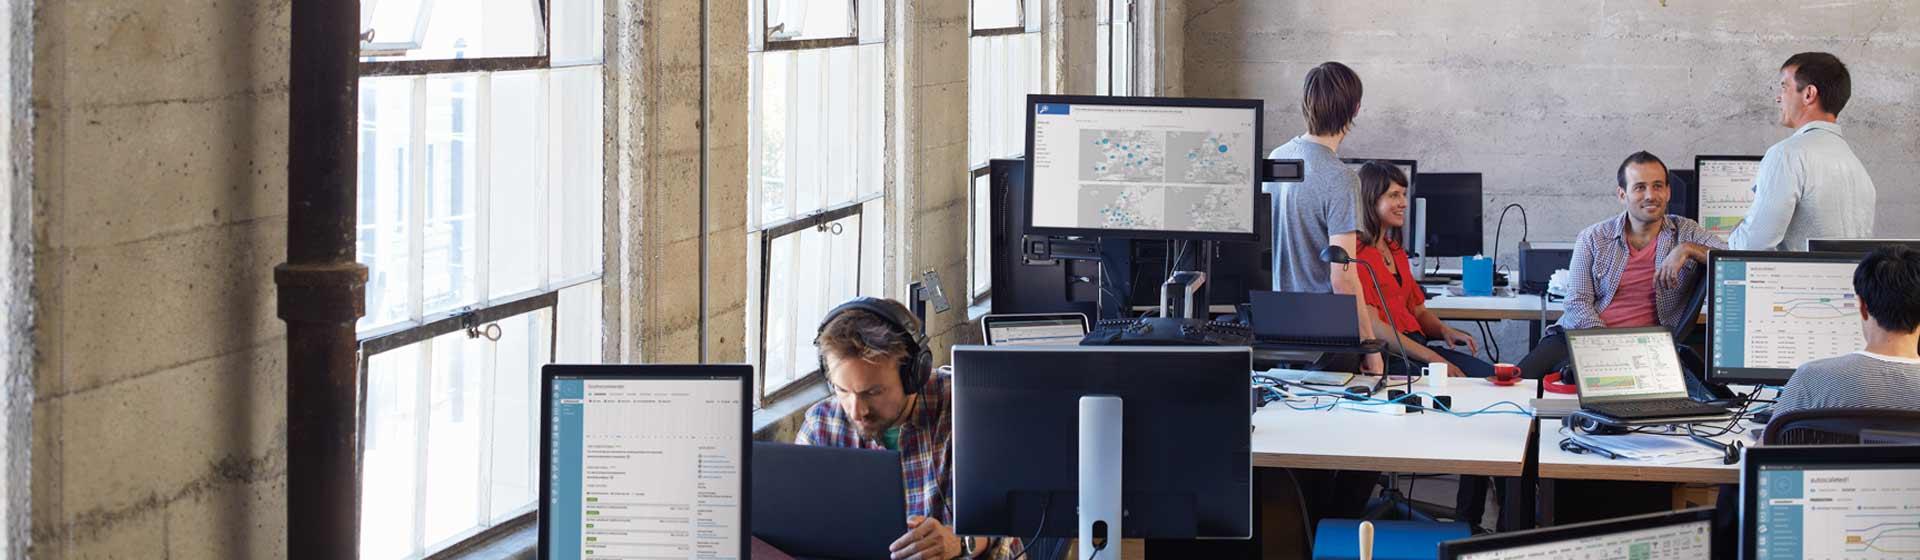 Office 365 चला रहे कंप्यूटर से पूर्ण कार्यालय में अपने डेस्क के आसपास बैठे और खड़े हुए सहकर्मियों का एक समूह की छवि